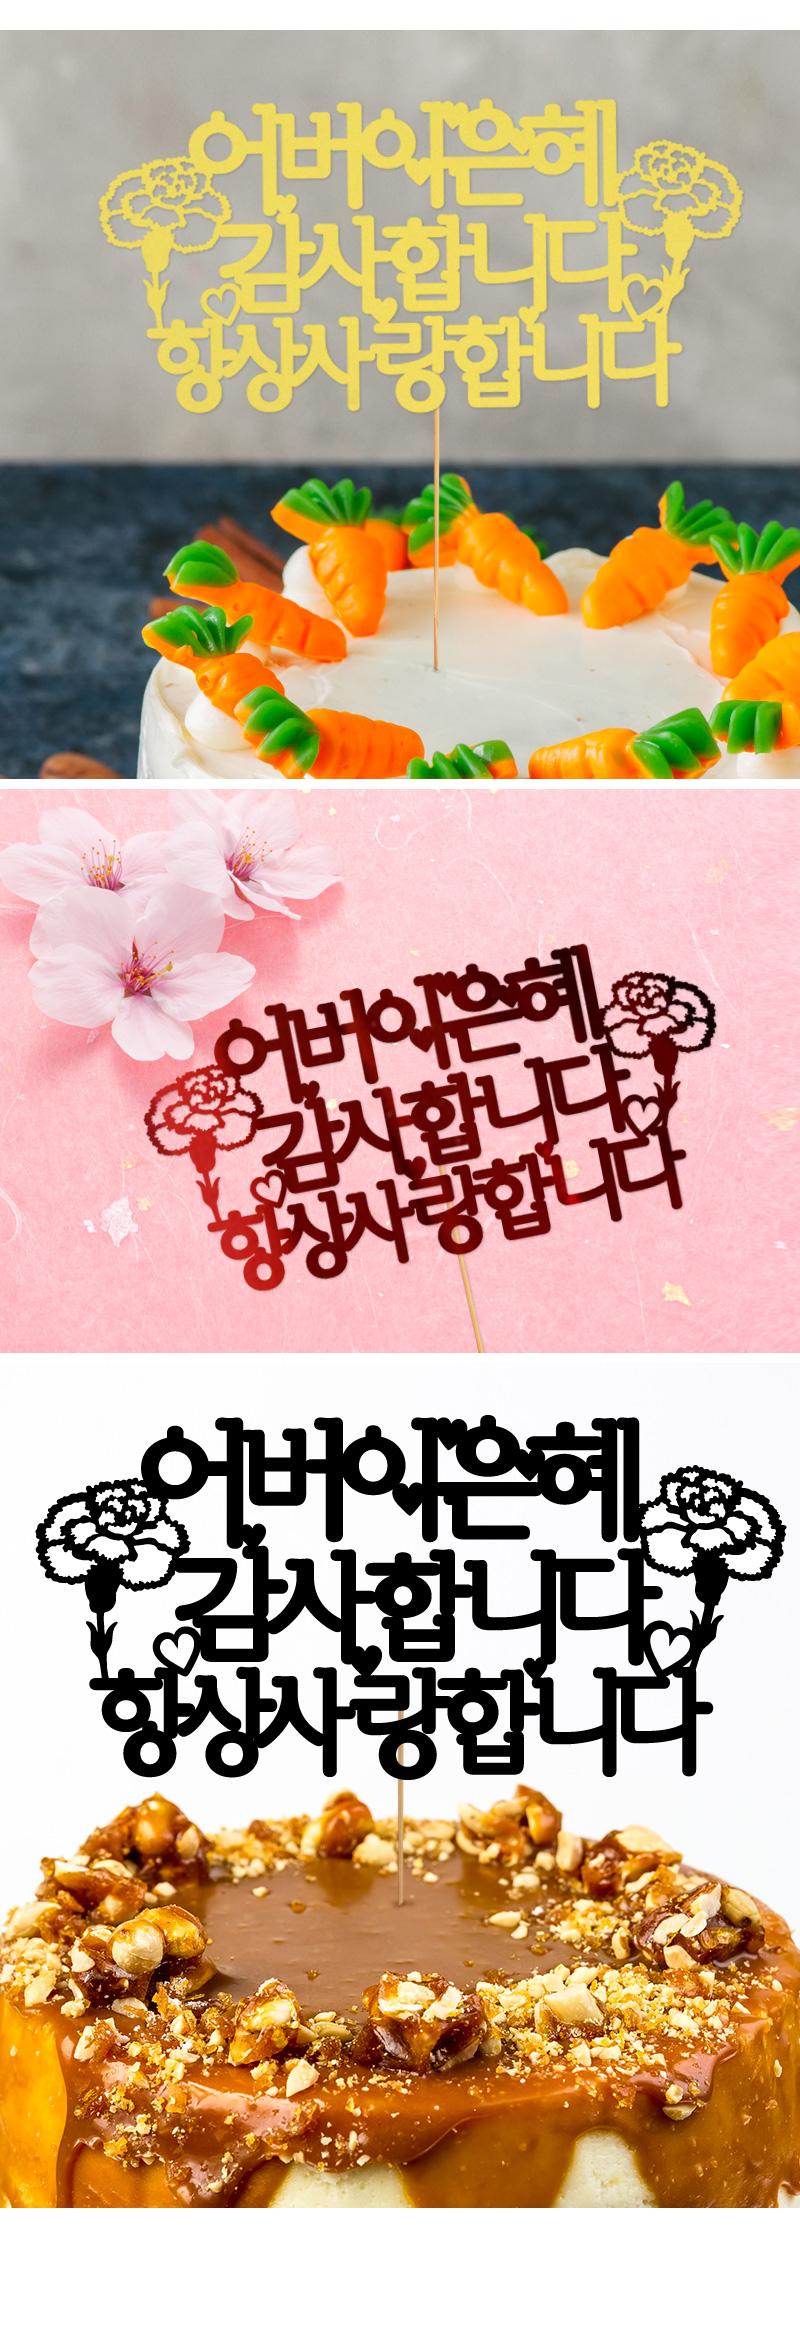 페이퍼 감사 토퍼 - 어버이은혜 - 파티해, 2,975원, 파티용품, 데코/장식용품